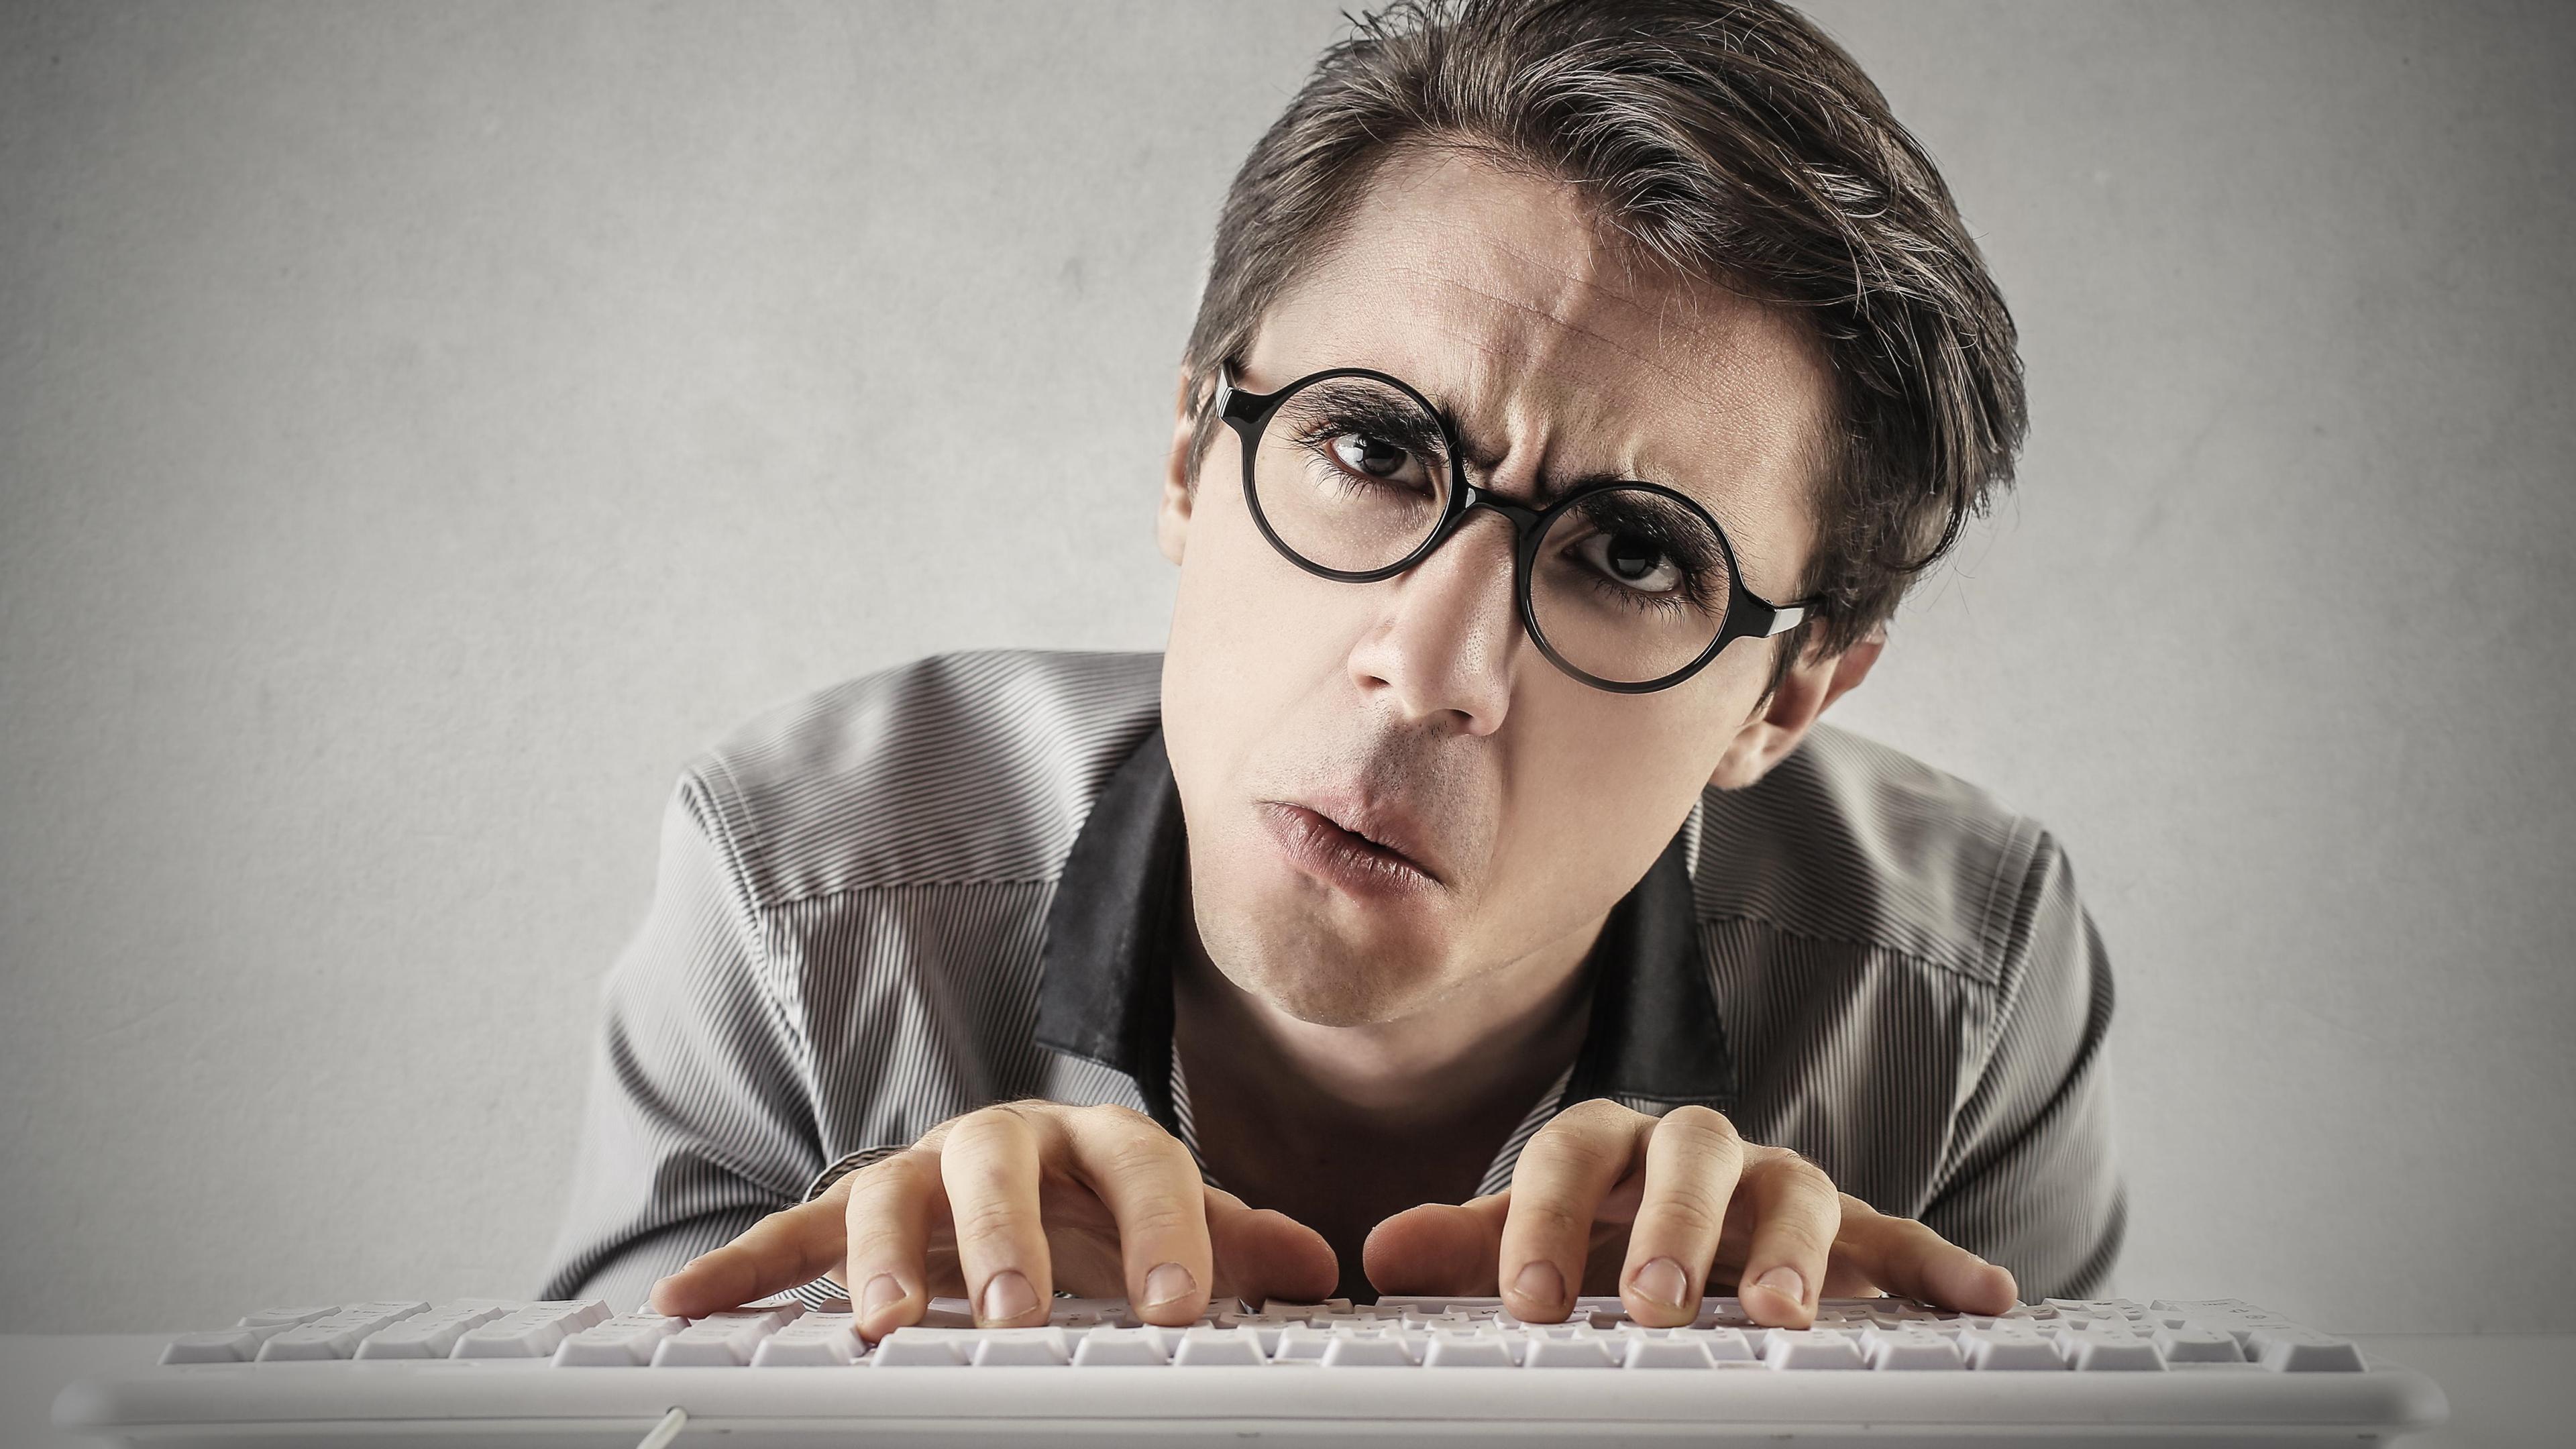 Интернет слегка улучшил точность самодиагностики у американцев